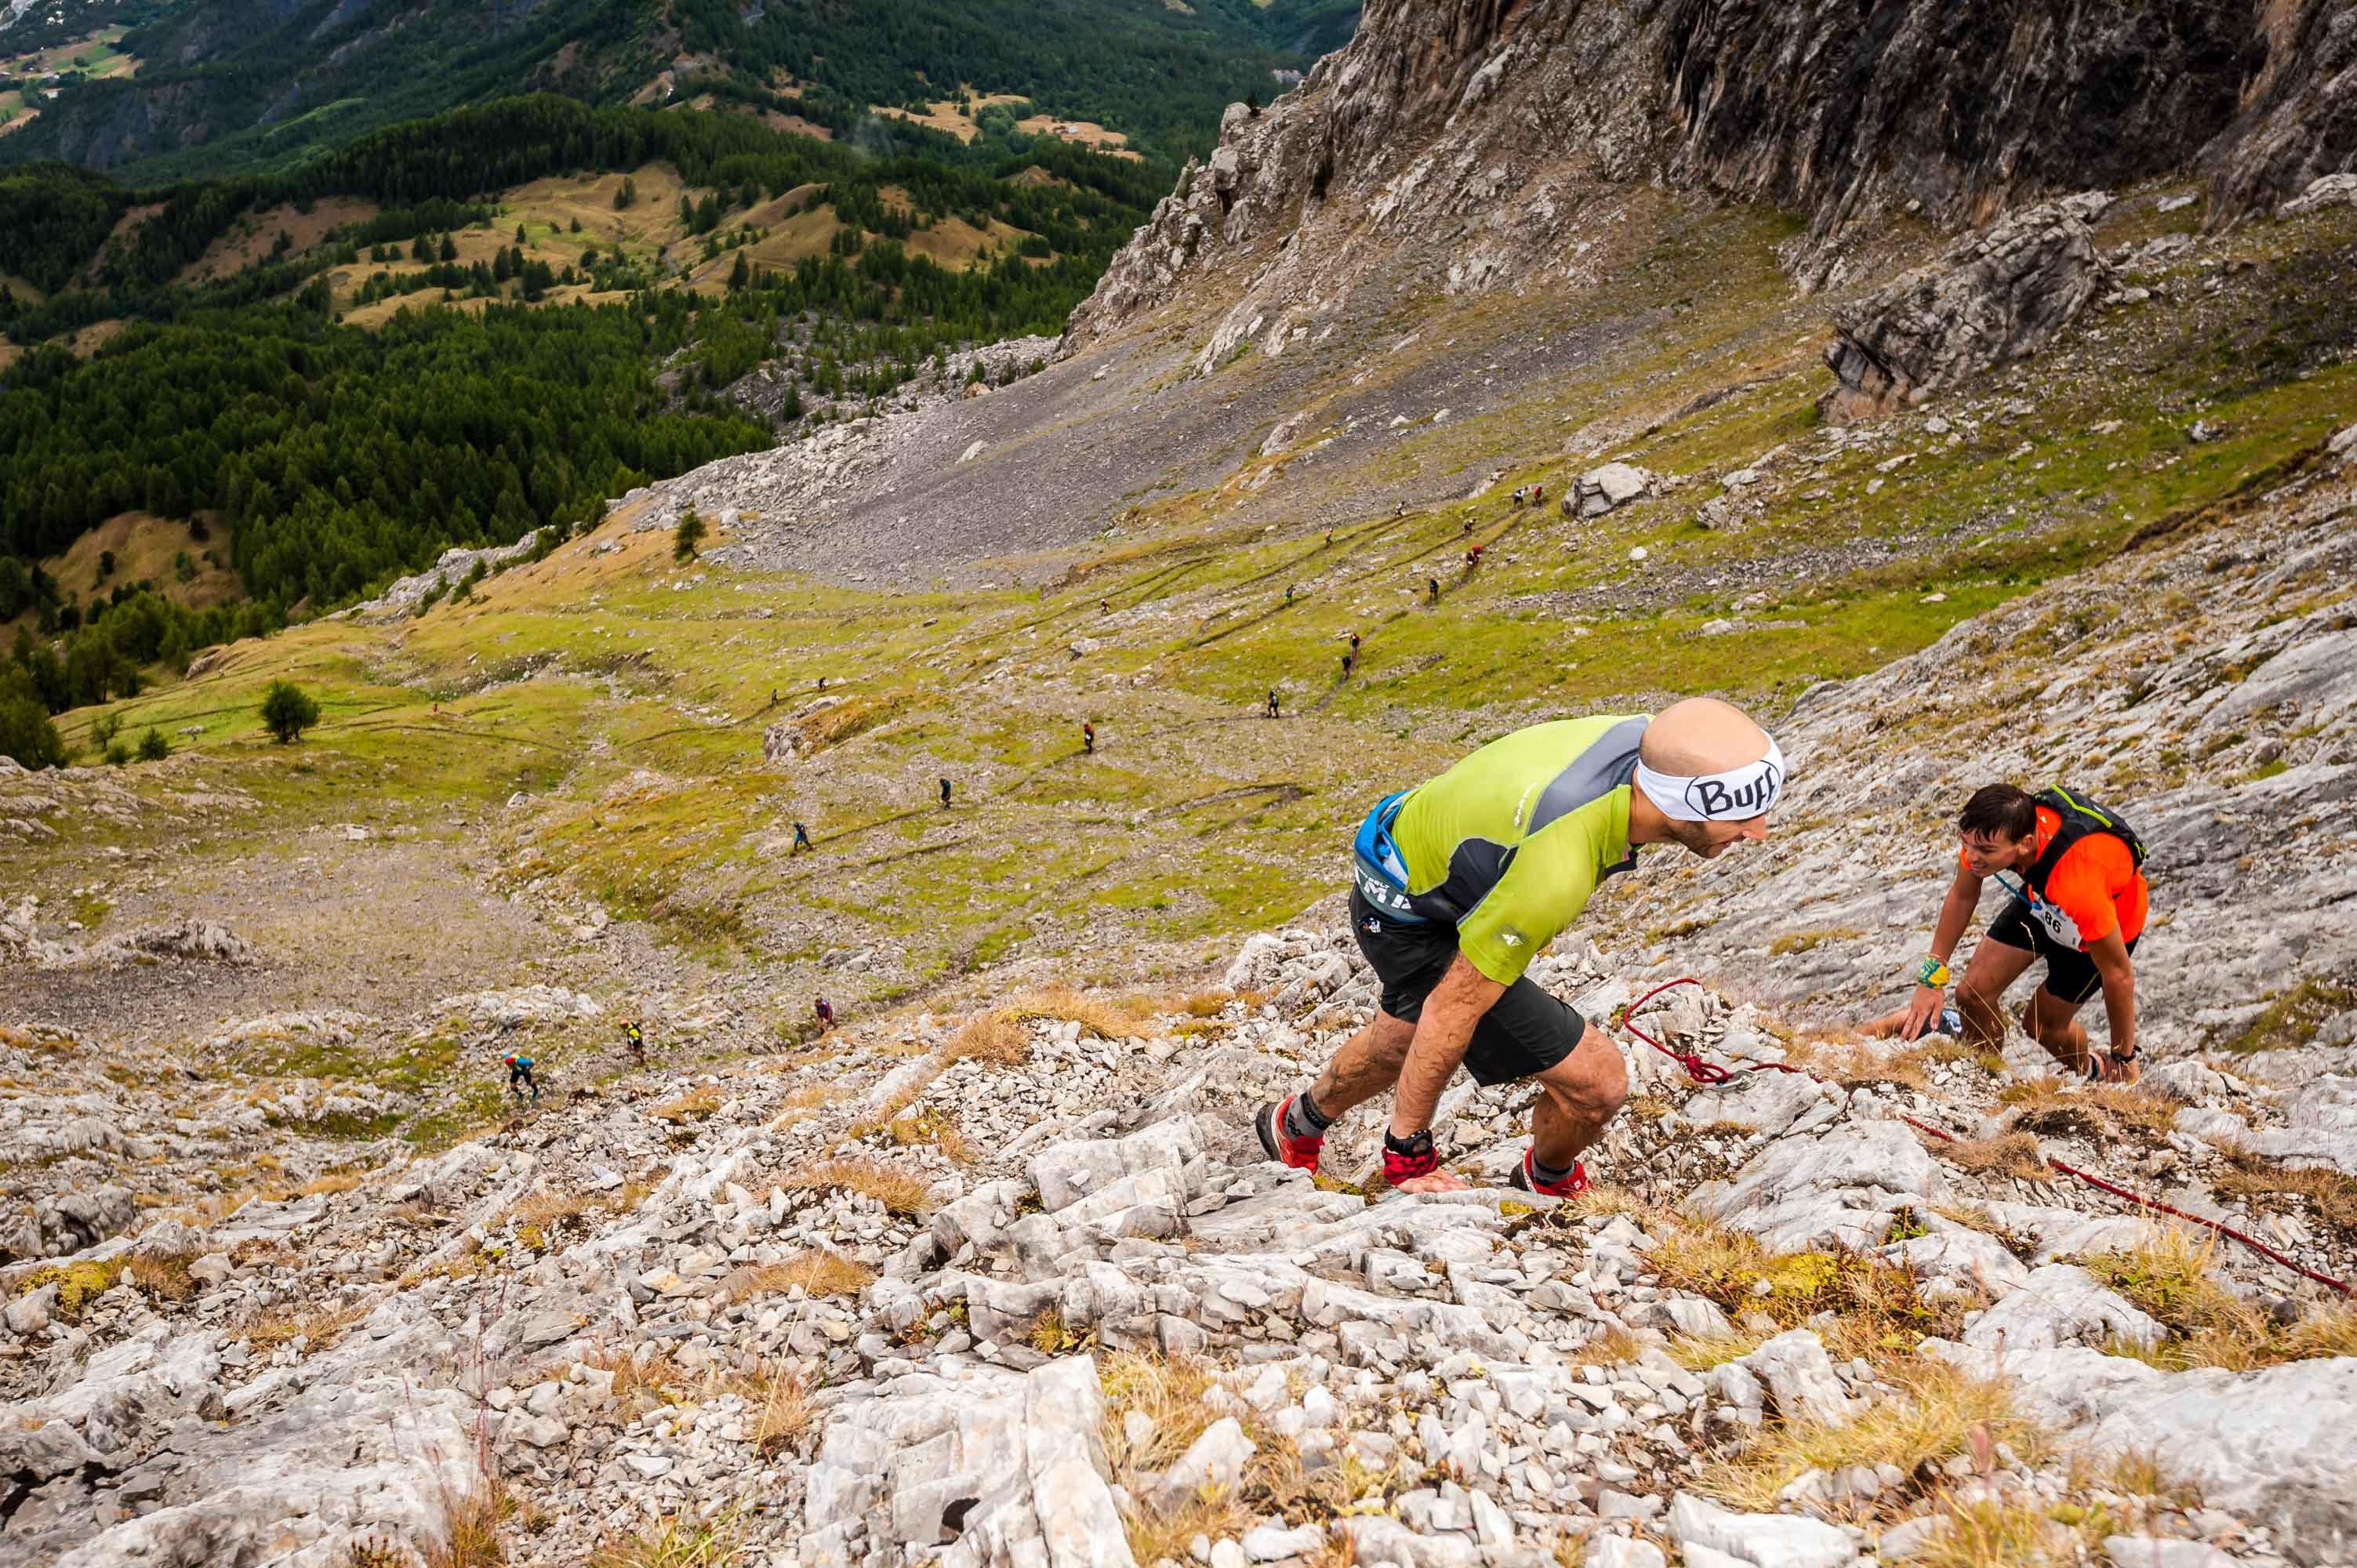 7 2017 Ambiance 42 km photo Rémi Morel - Juliet Champion, Mathieu Martinez et Romain Wyndaele, vainqueurs du Salomon Over the Mountain Running Challenge 2017